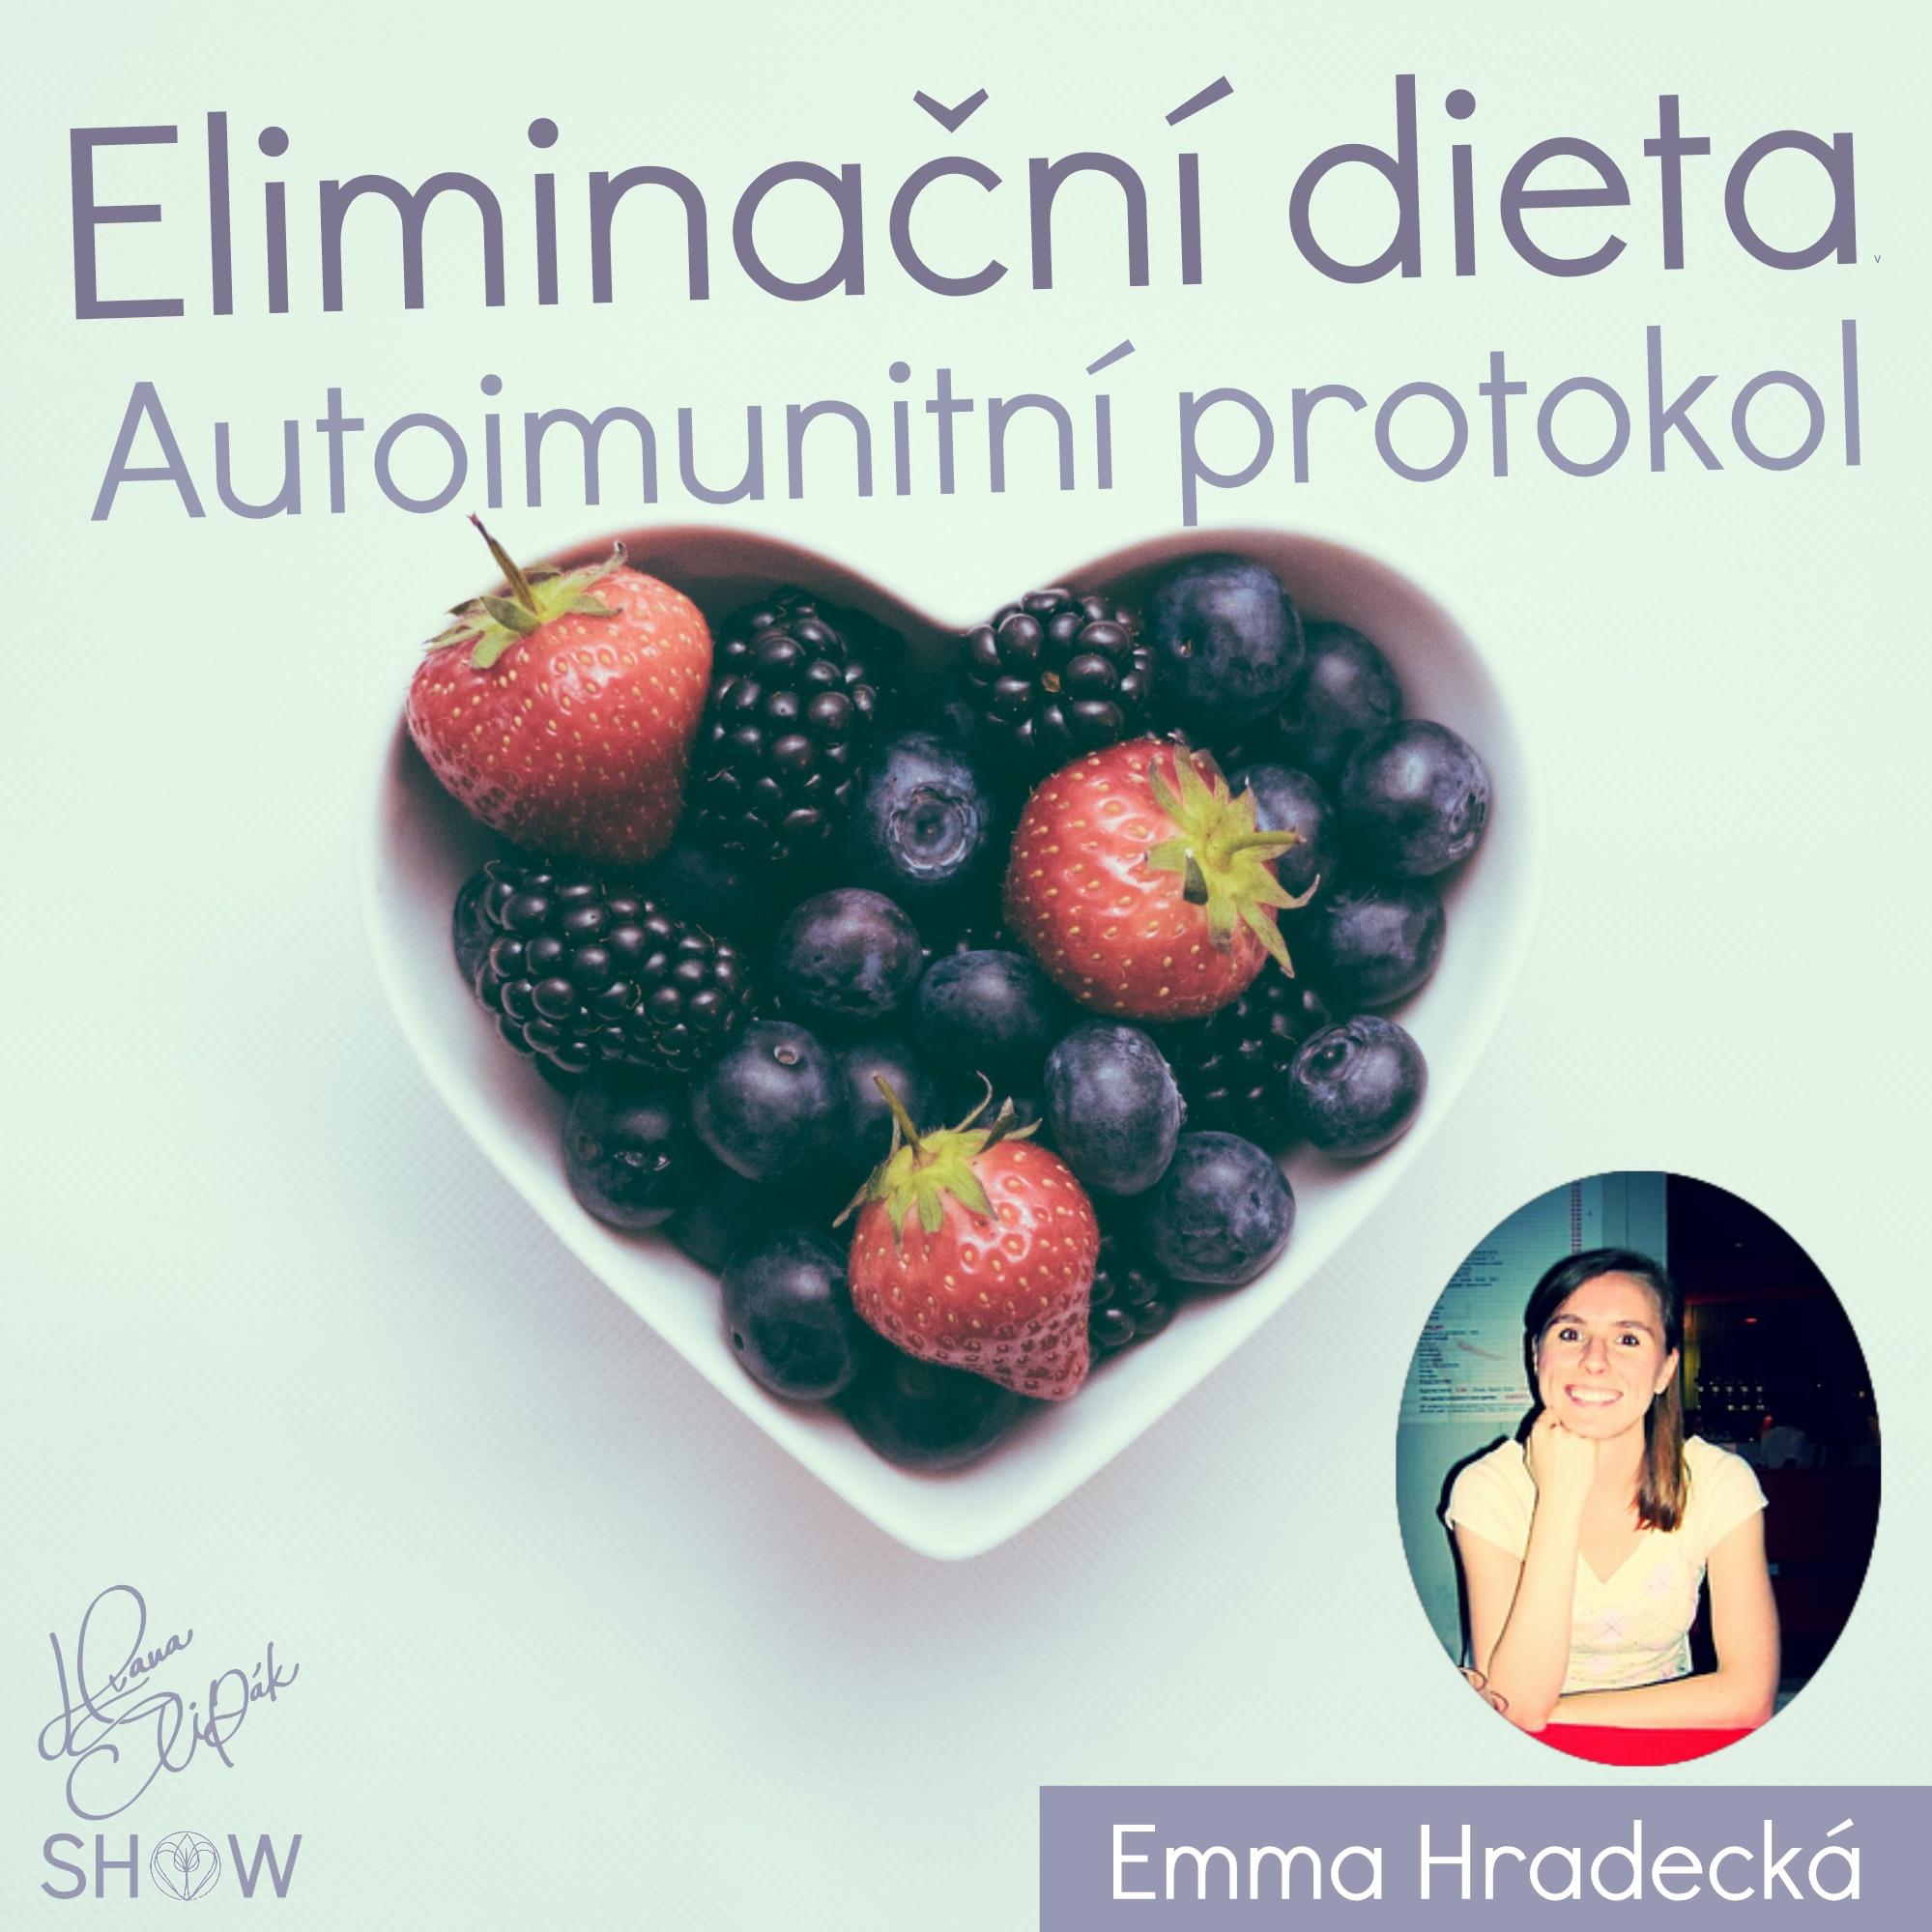 56 Eliminační dieta autoimunitní protokol - Emma Hradecká 06b618f304a